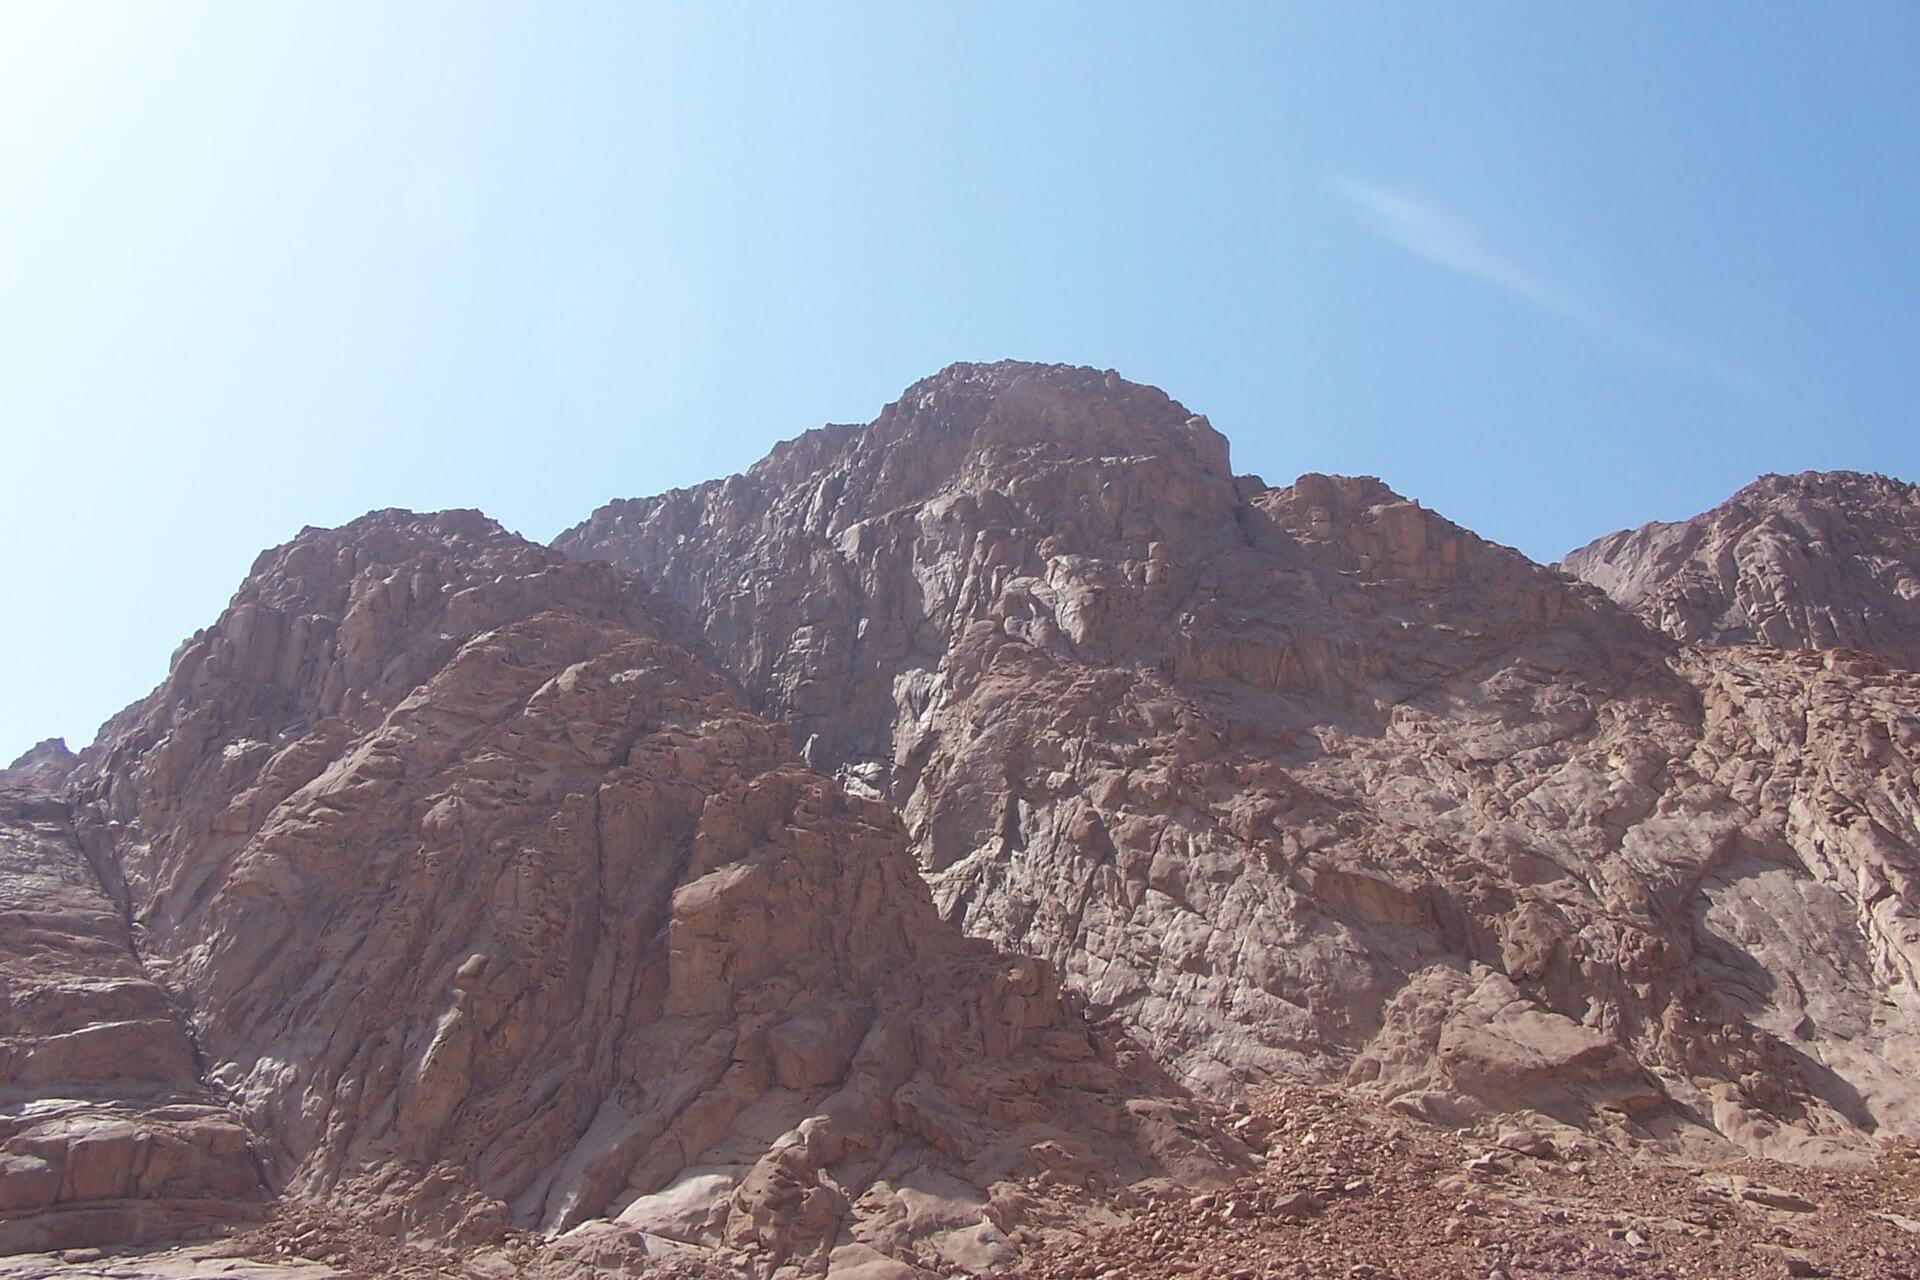 Der Berg Sinai. Hier wurde Gottes Name verkündet